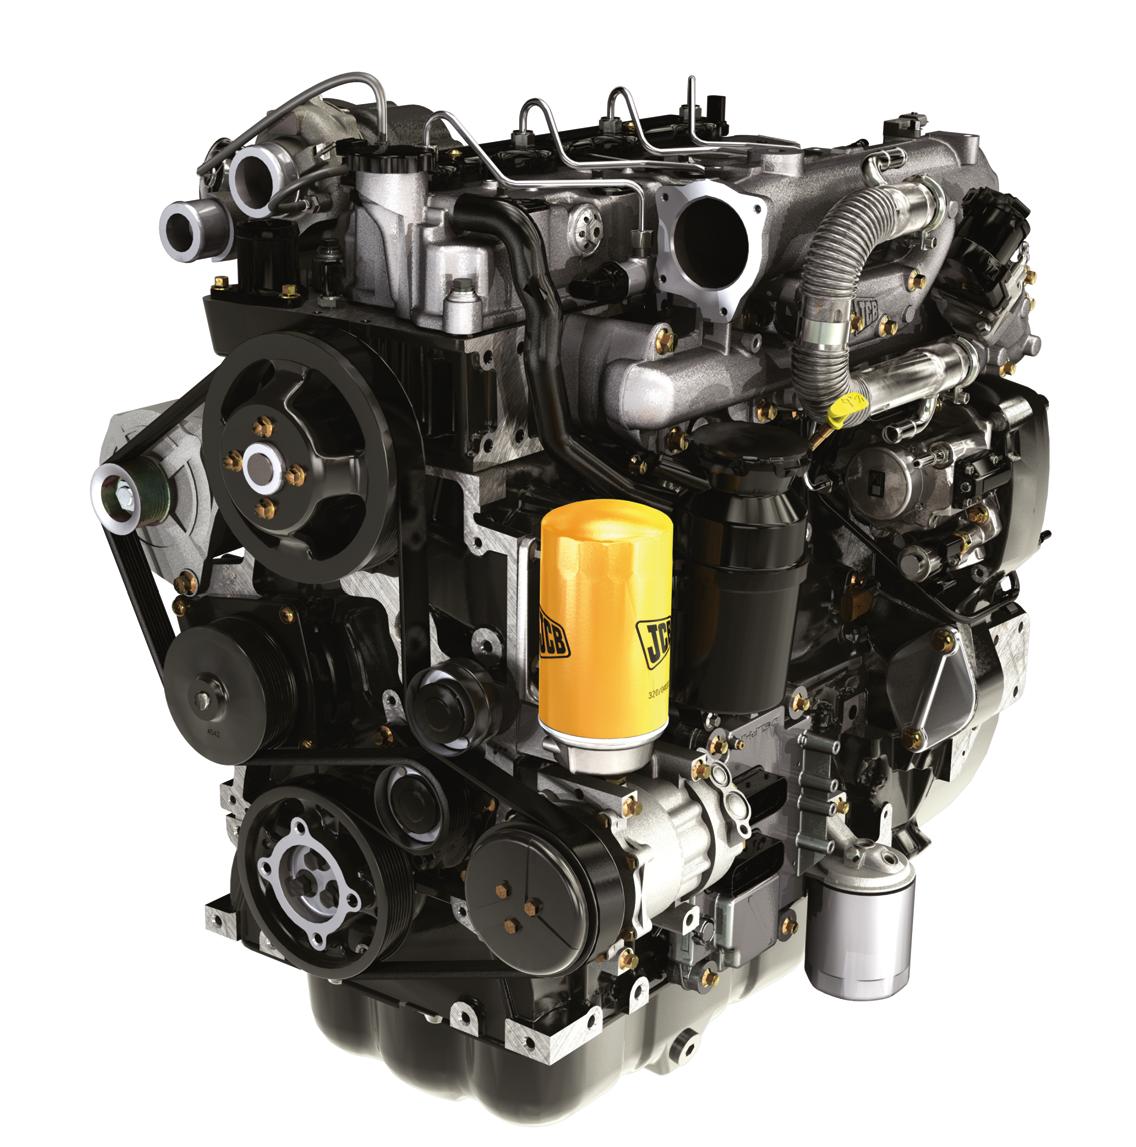 Download Jcb 444 engine workshop manual of Style